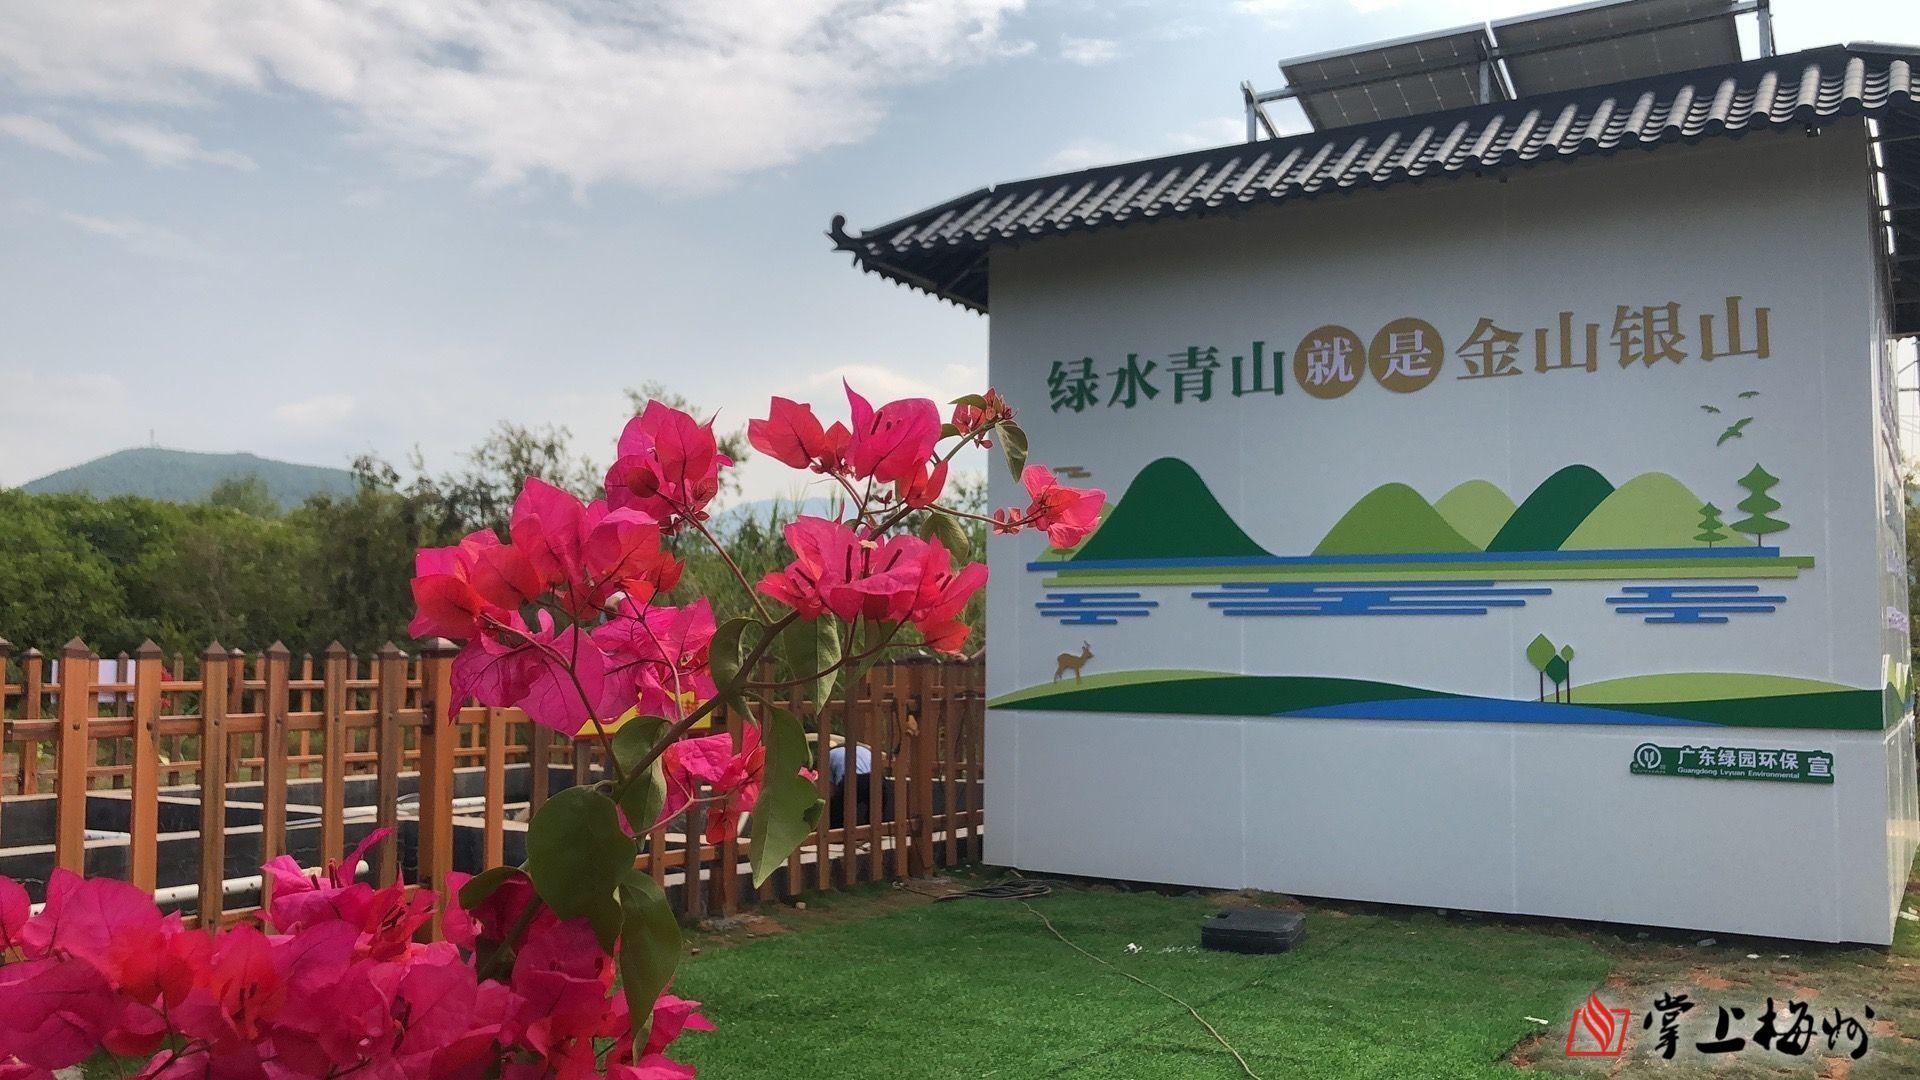 梅州日报:绿园环保-用科技创新守护青山绿水